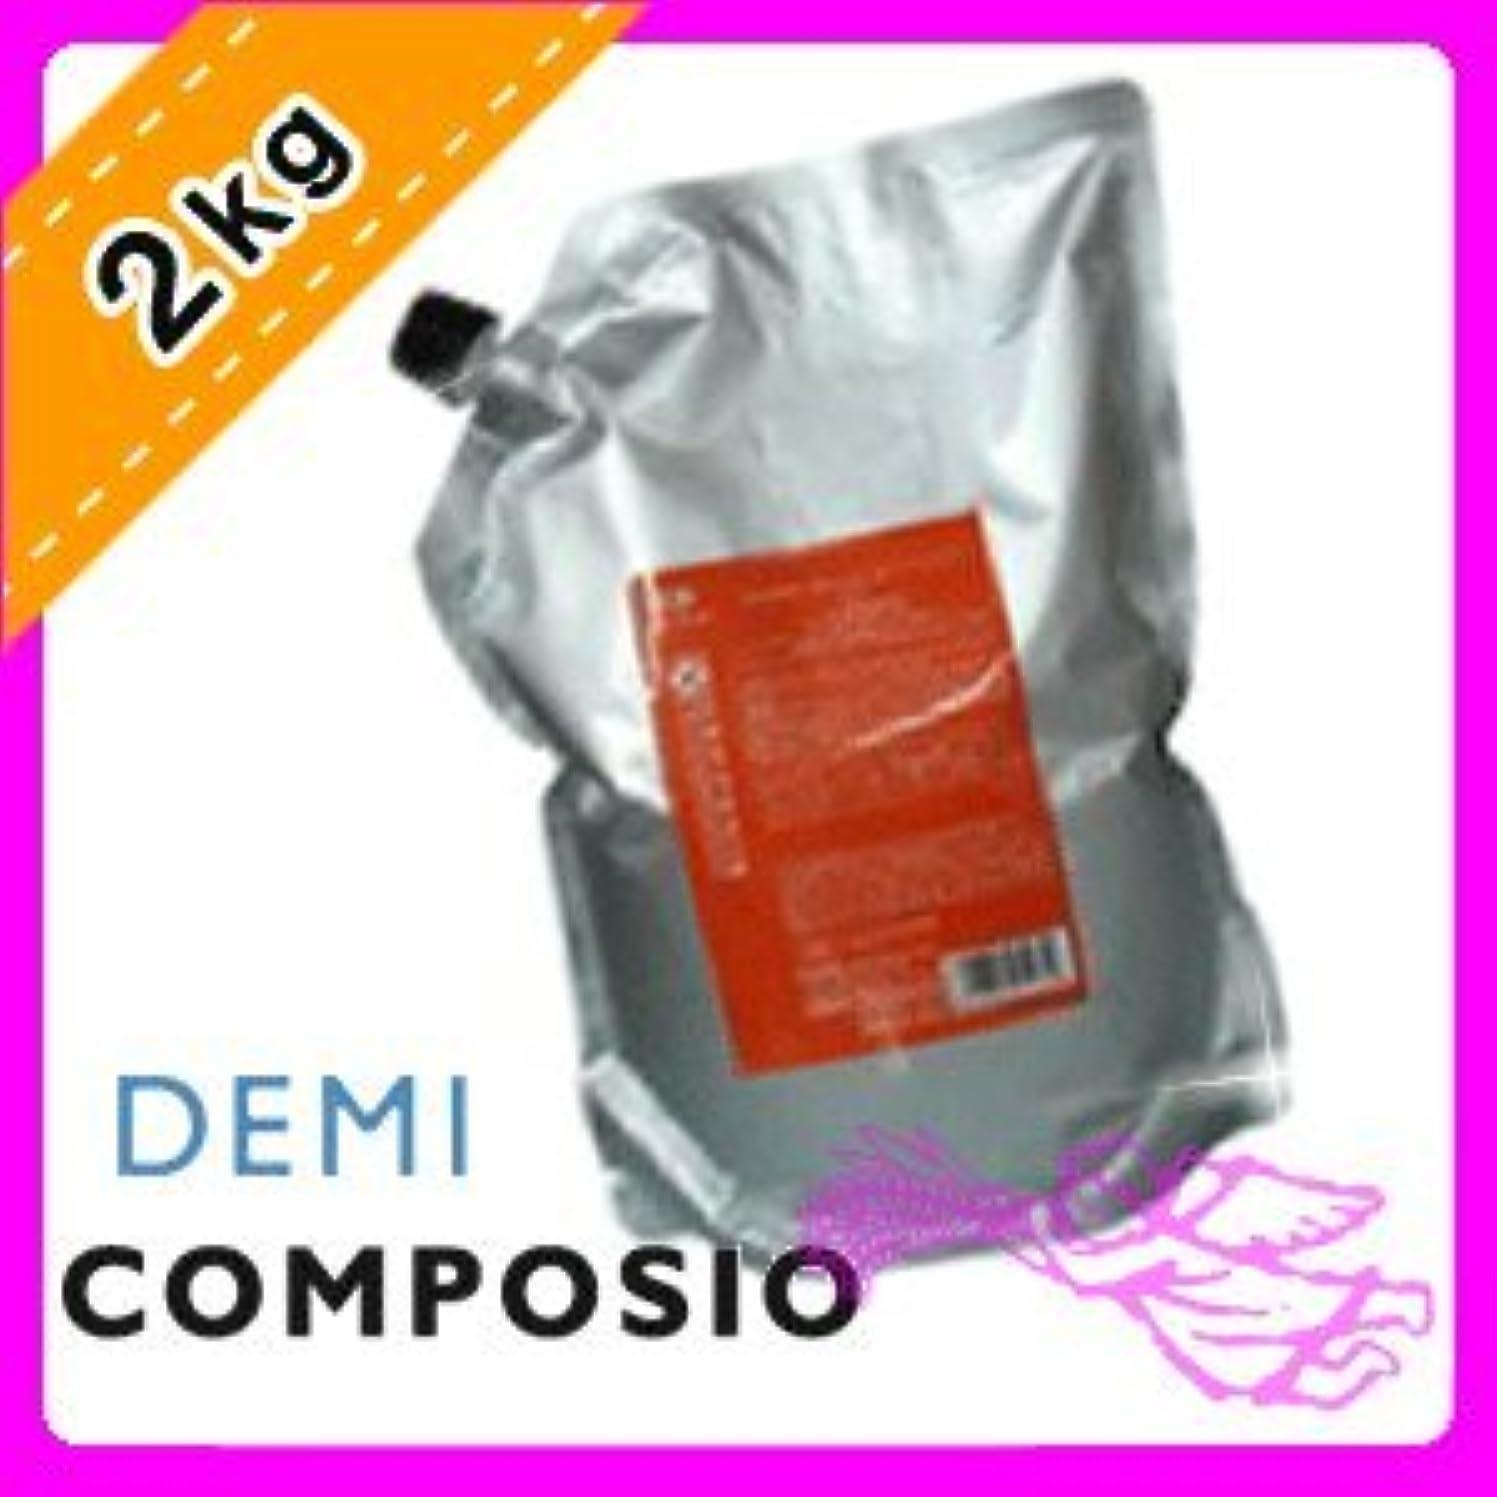 デイジー部分的に寛大なデミ コンポジオ CXリペアトリートメント 2000g 業務用 詰め替え DEMI COMPOSIO